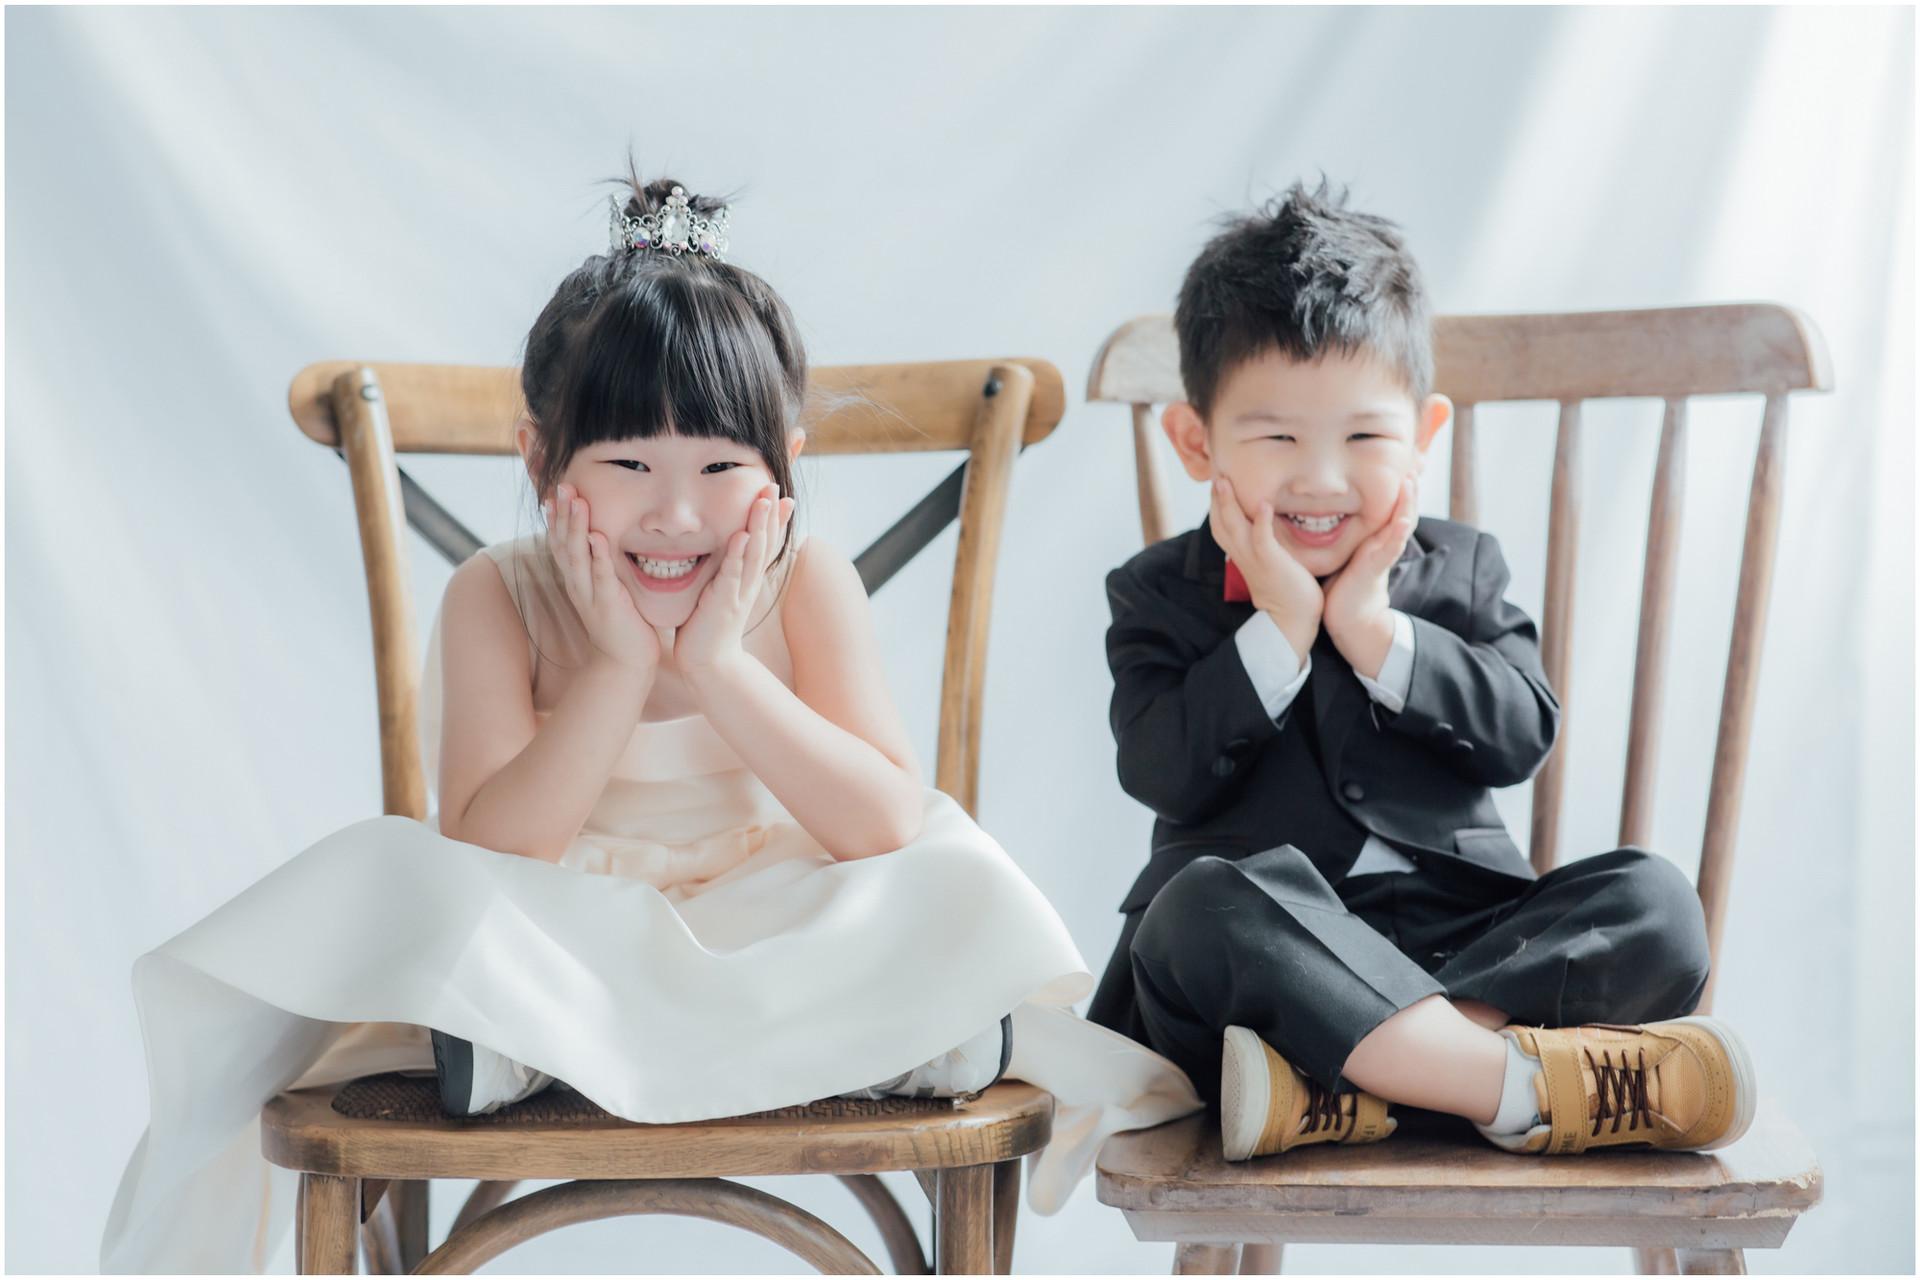 親子寫真 / 全家福 / 柴犬 / 寶寶寫真 / 台北板橋攝影 / 435藝文特區 / 親子外拍 / 親子婚紗